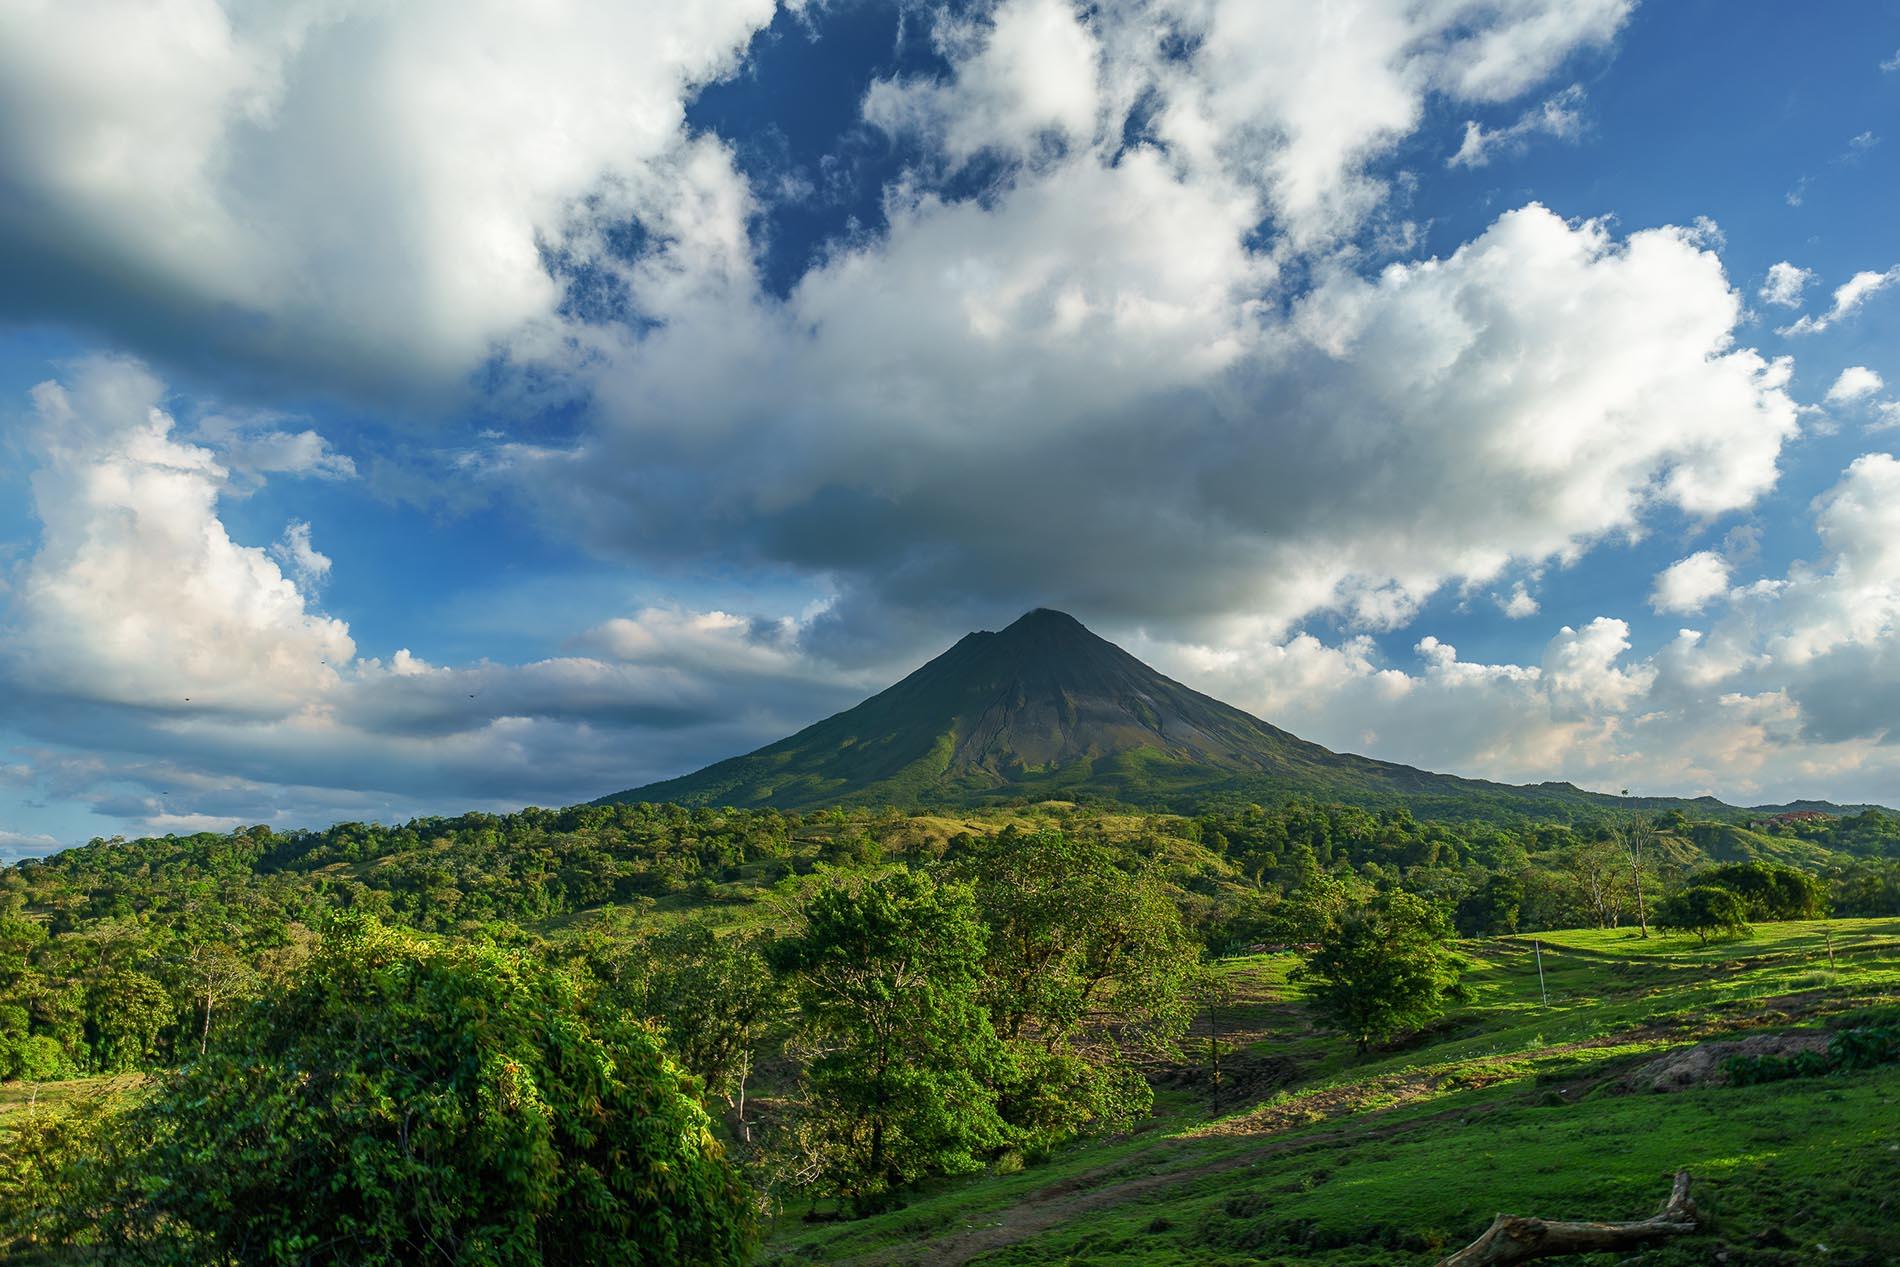 volcan de costa rica viaje agencia de viajes valladolid